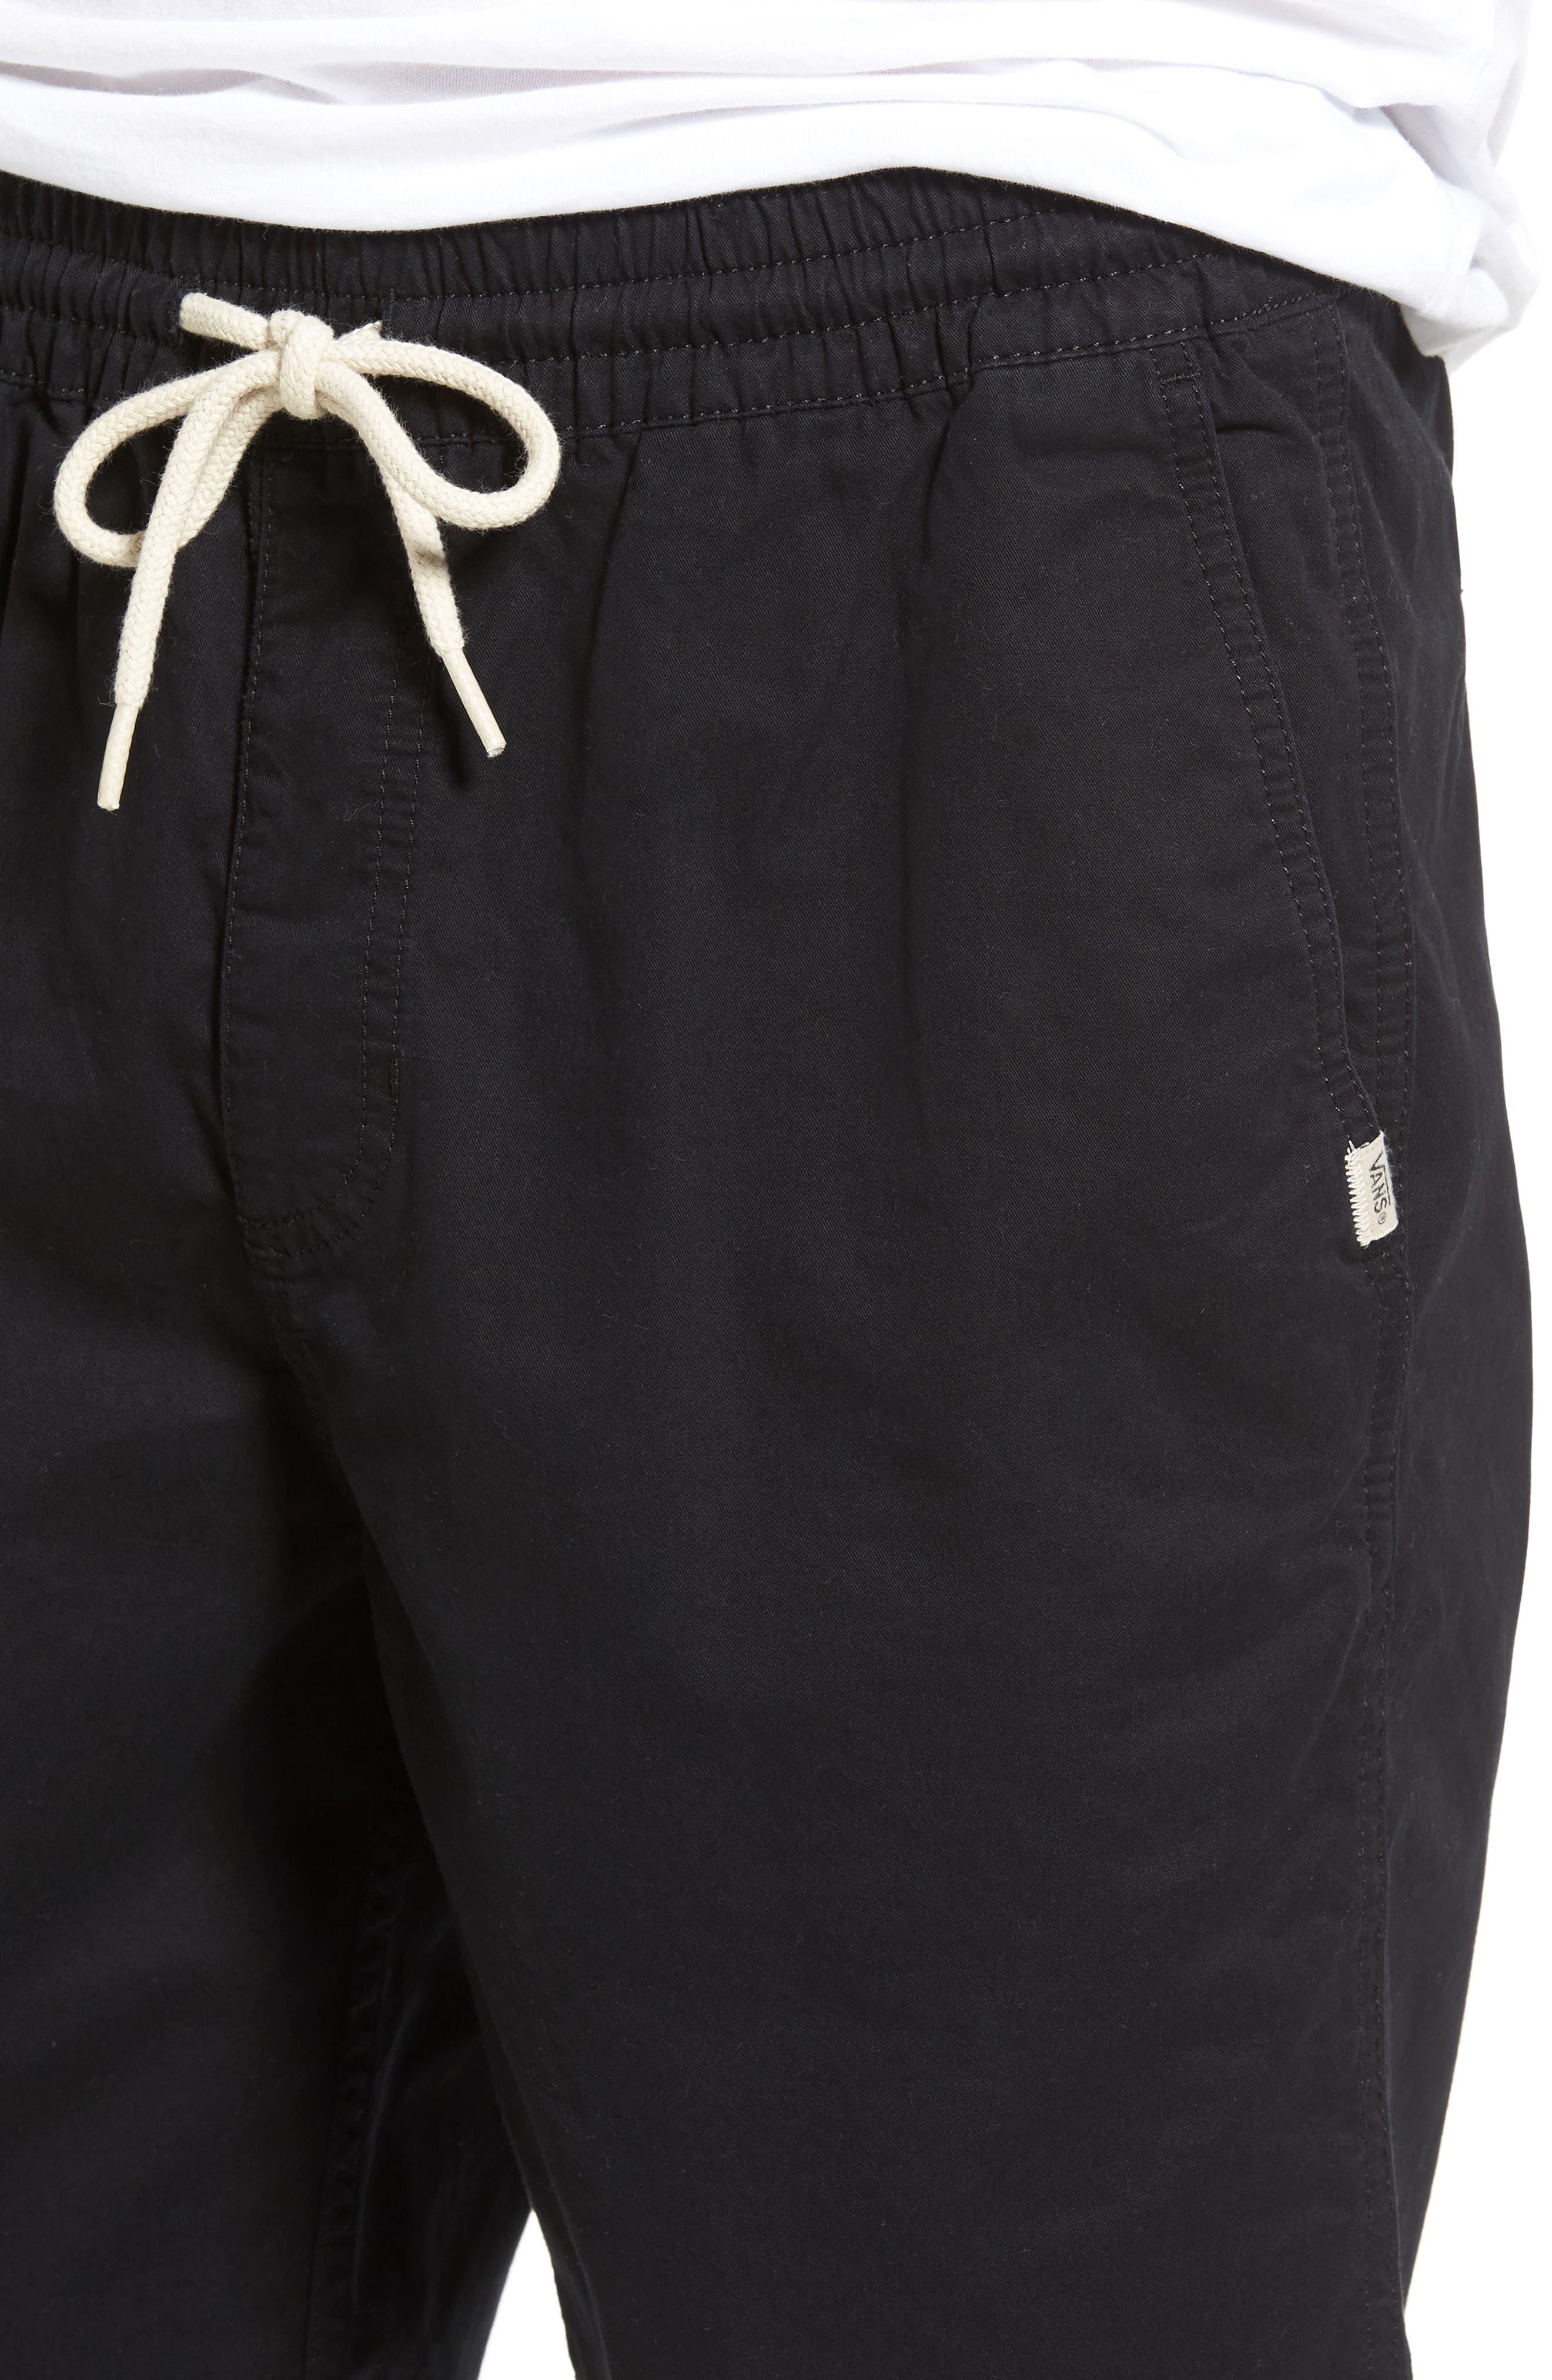 Range Shorts,                             Alternate thumbnail 4, color,                             Black